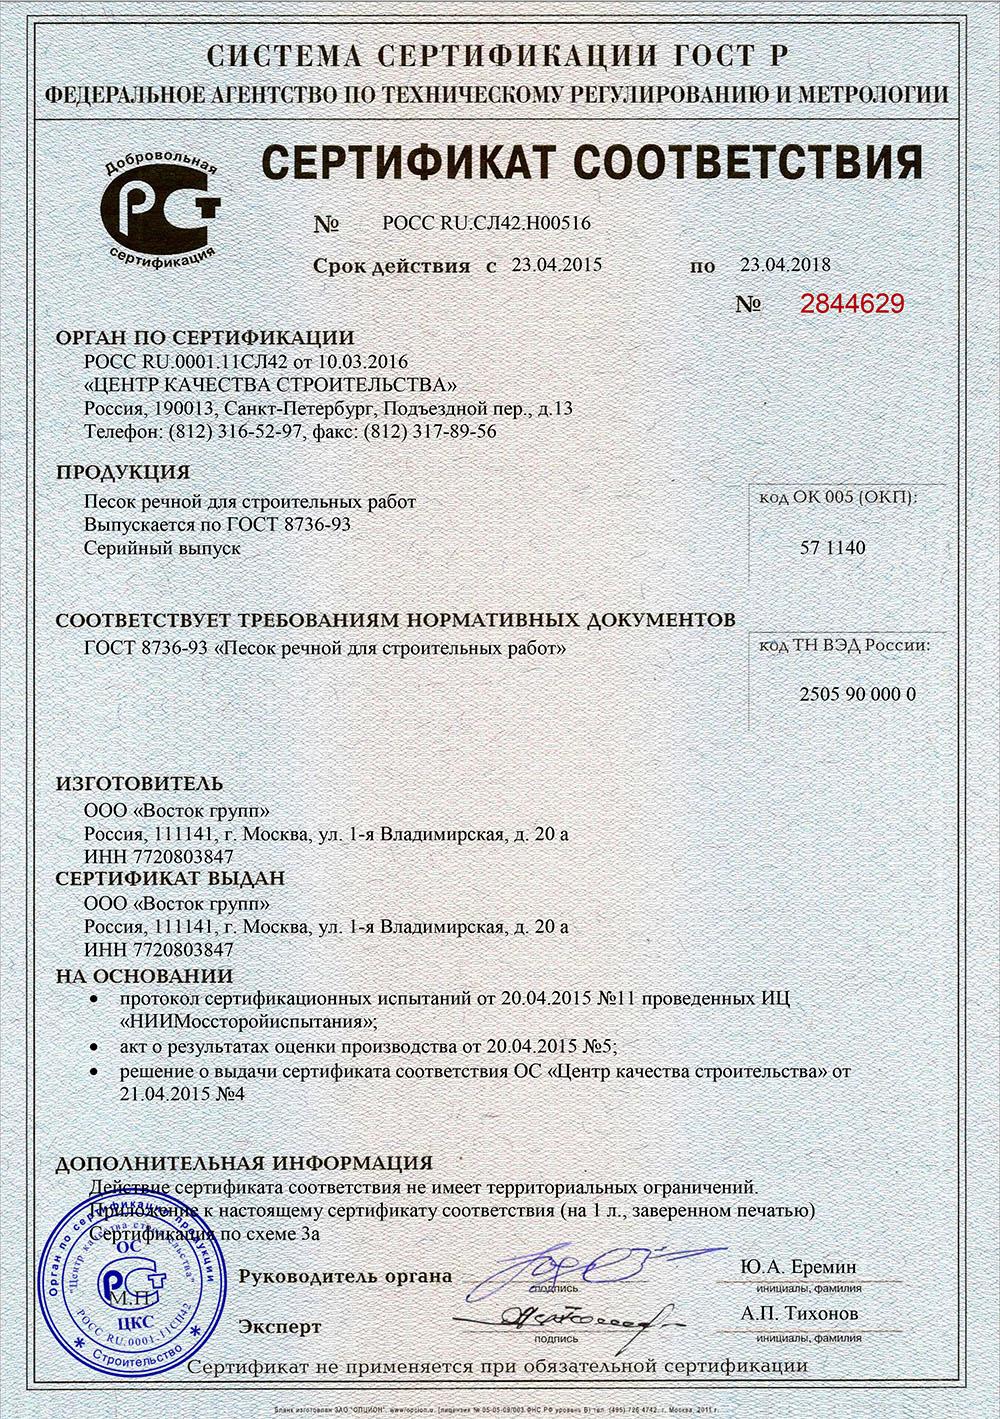 Сертификат соответствия песок речной